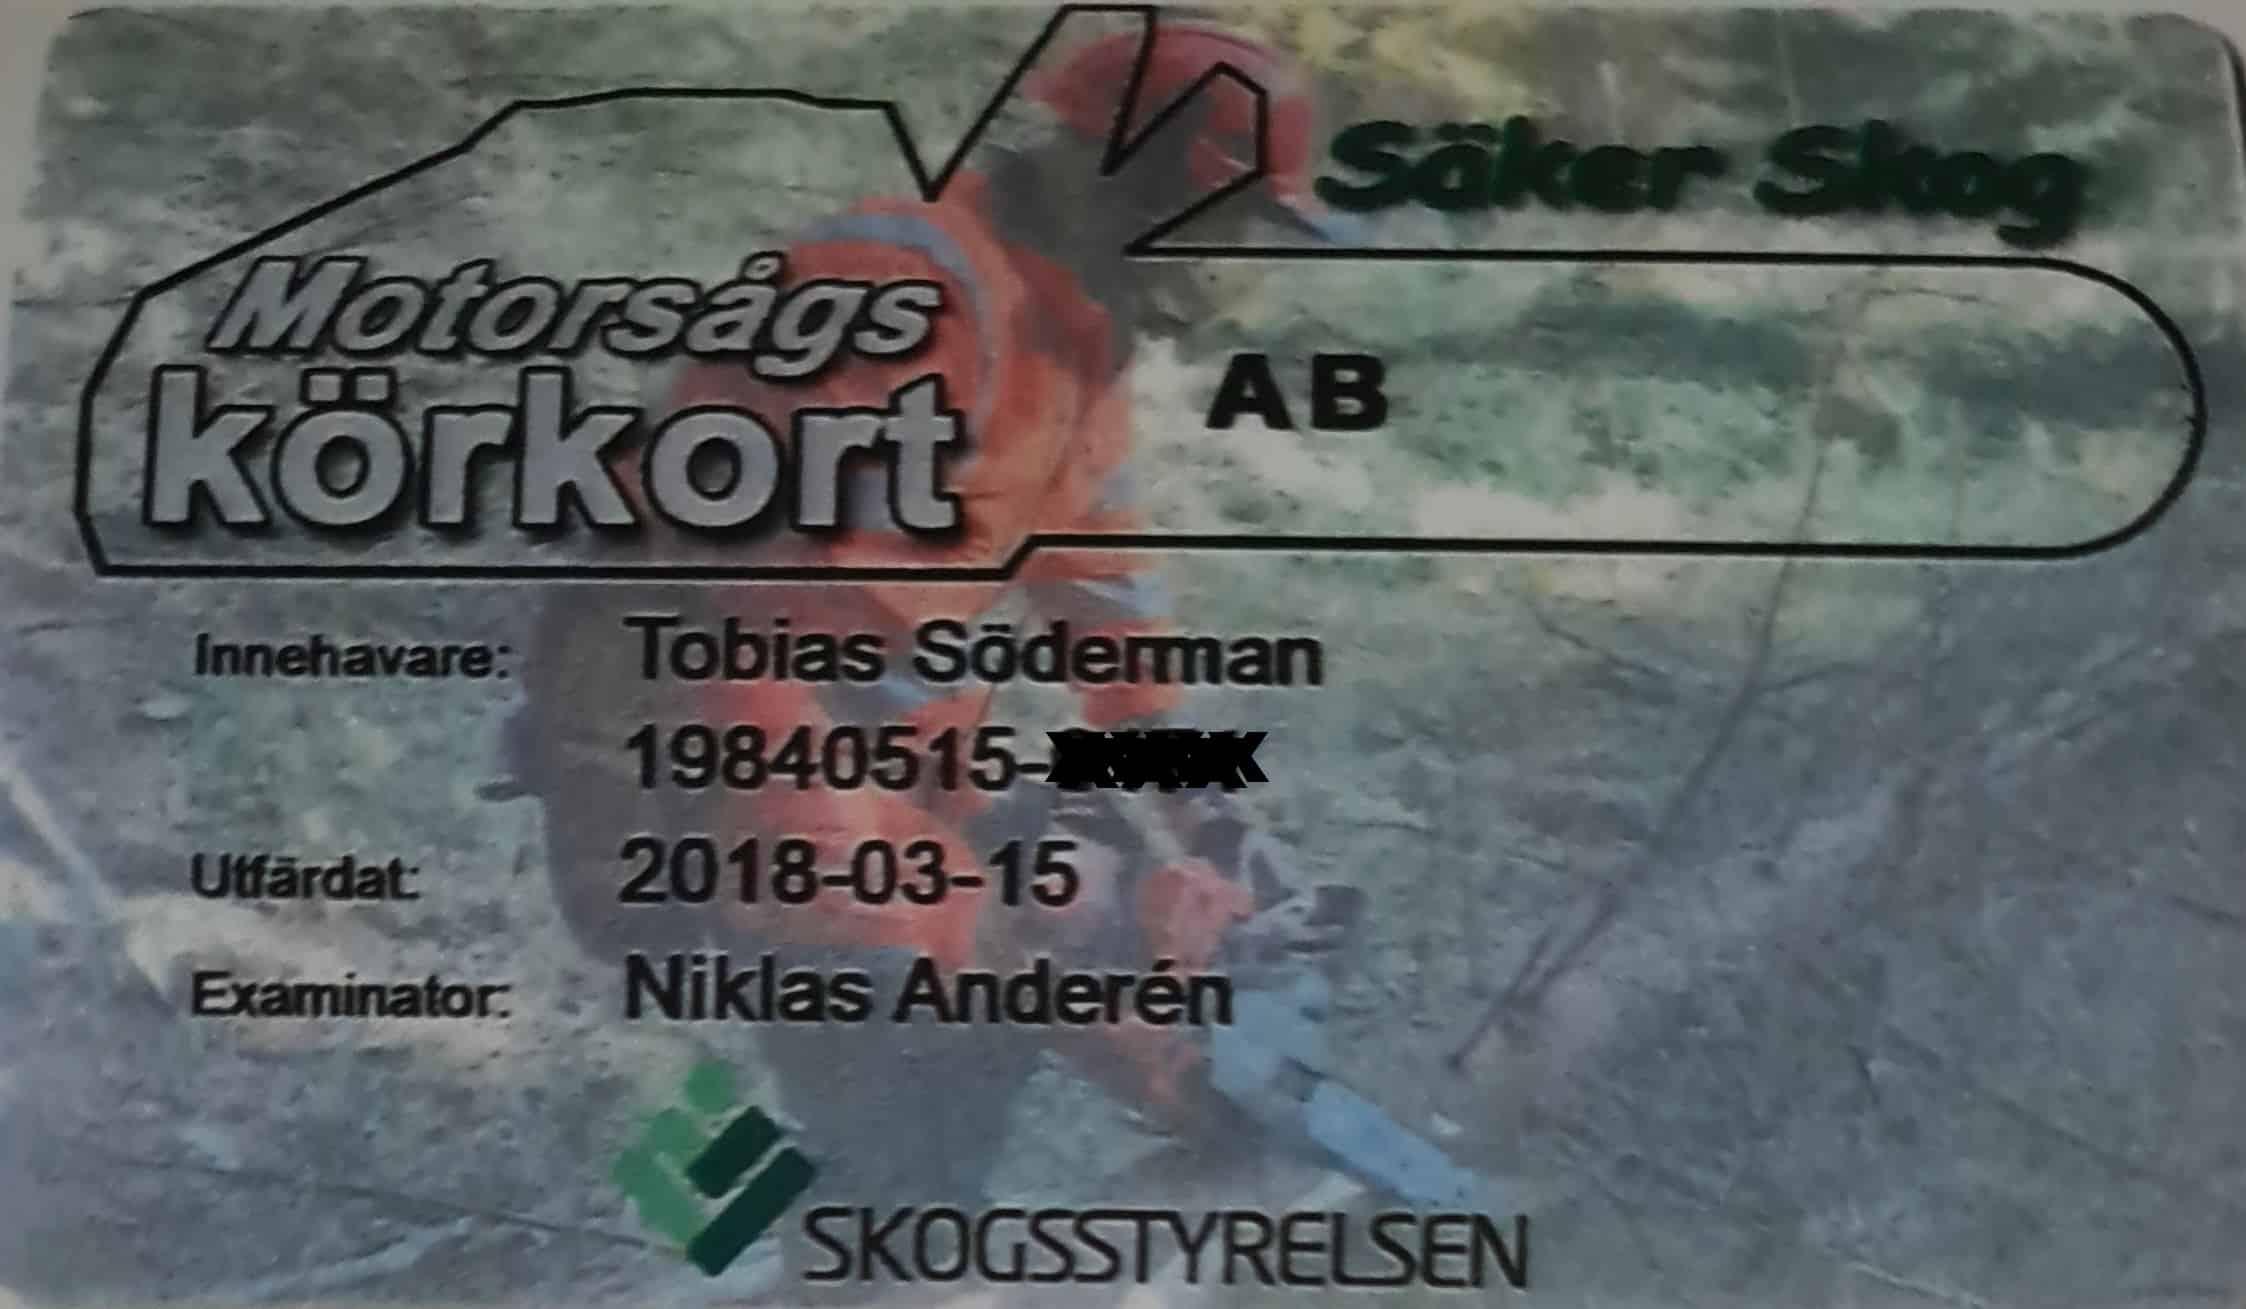 """Referensjobb """"Motorsågskörkort"""" utfört av Söderfalks Mark och Anläggning AB"""